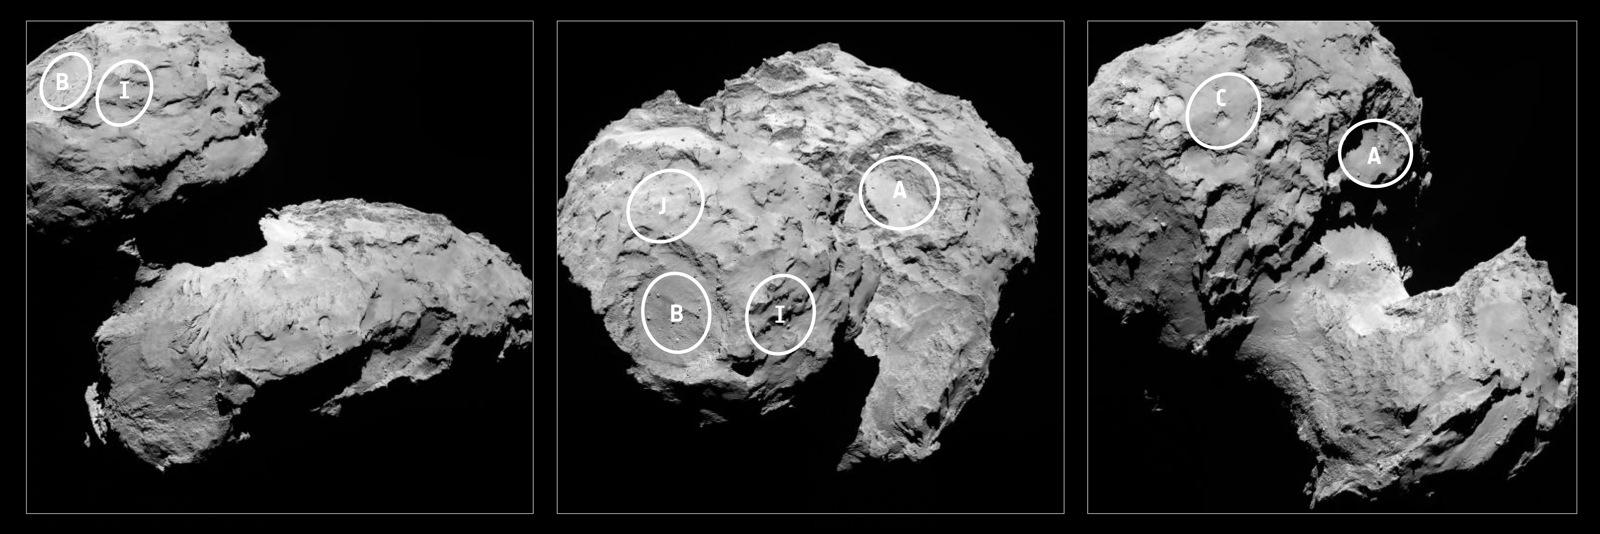 Philae Candidate Landing Sites